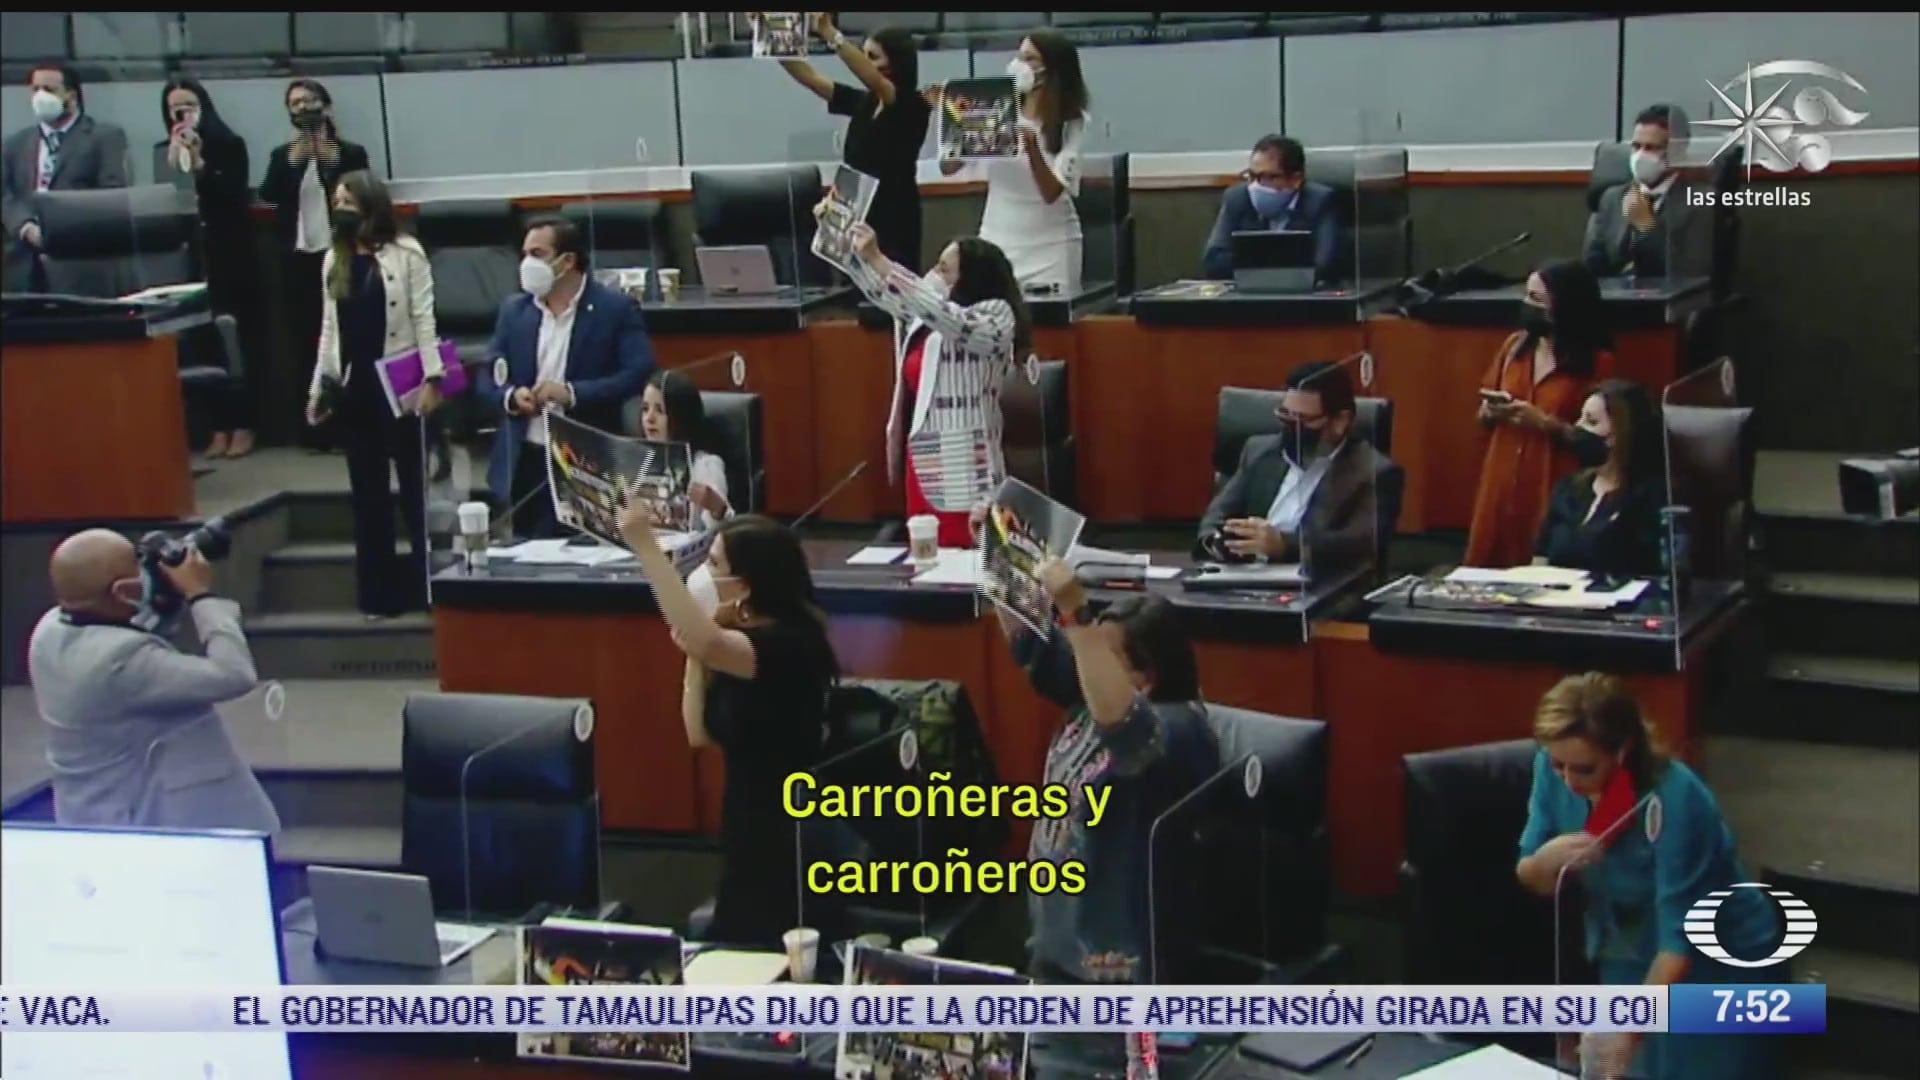 senadores del pan y morena se enfrentan a gritos por la tragedia en la l12 del metro